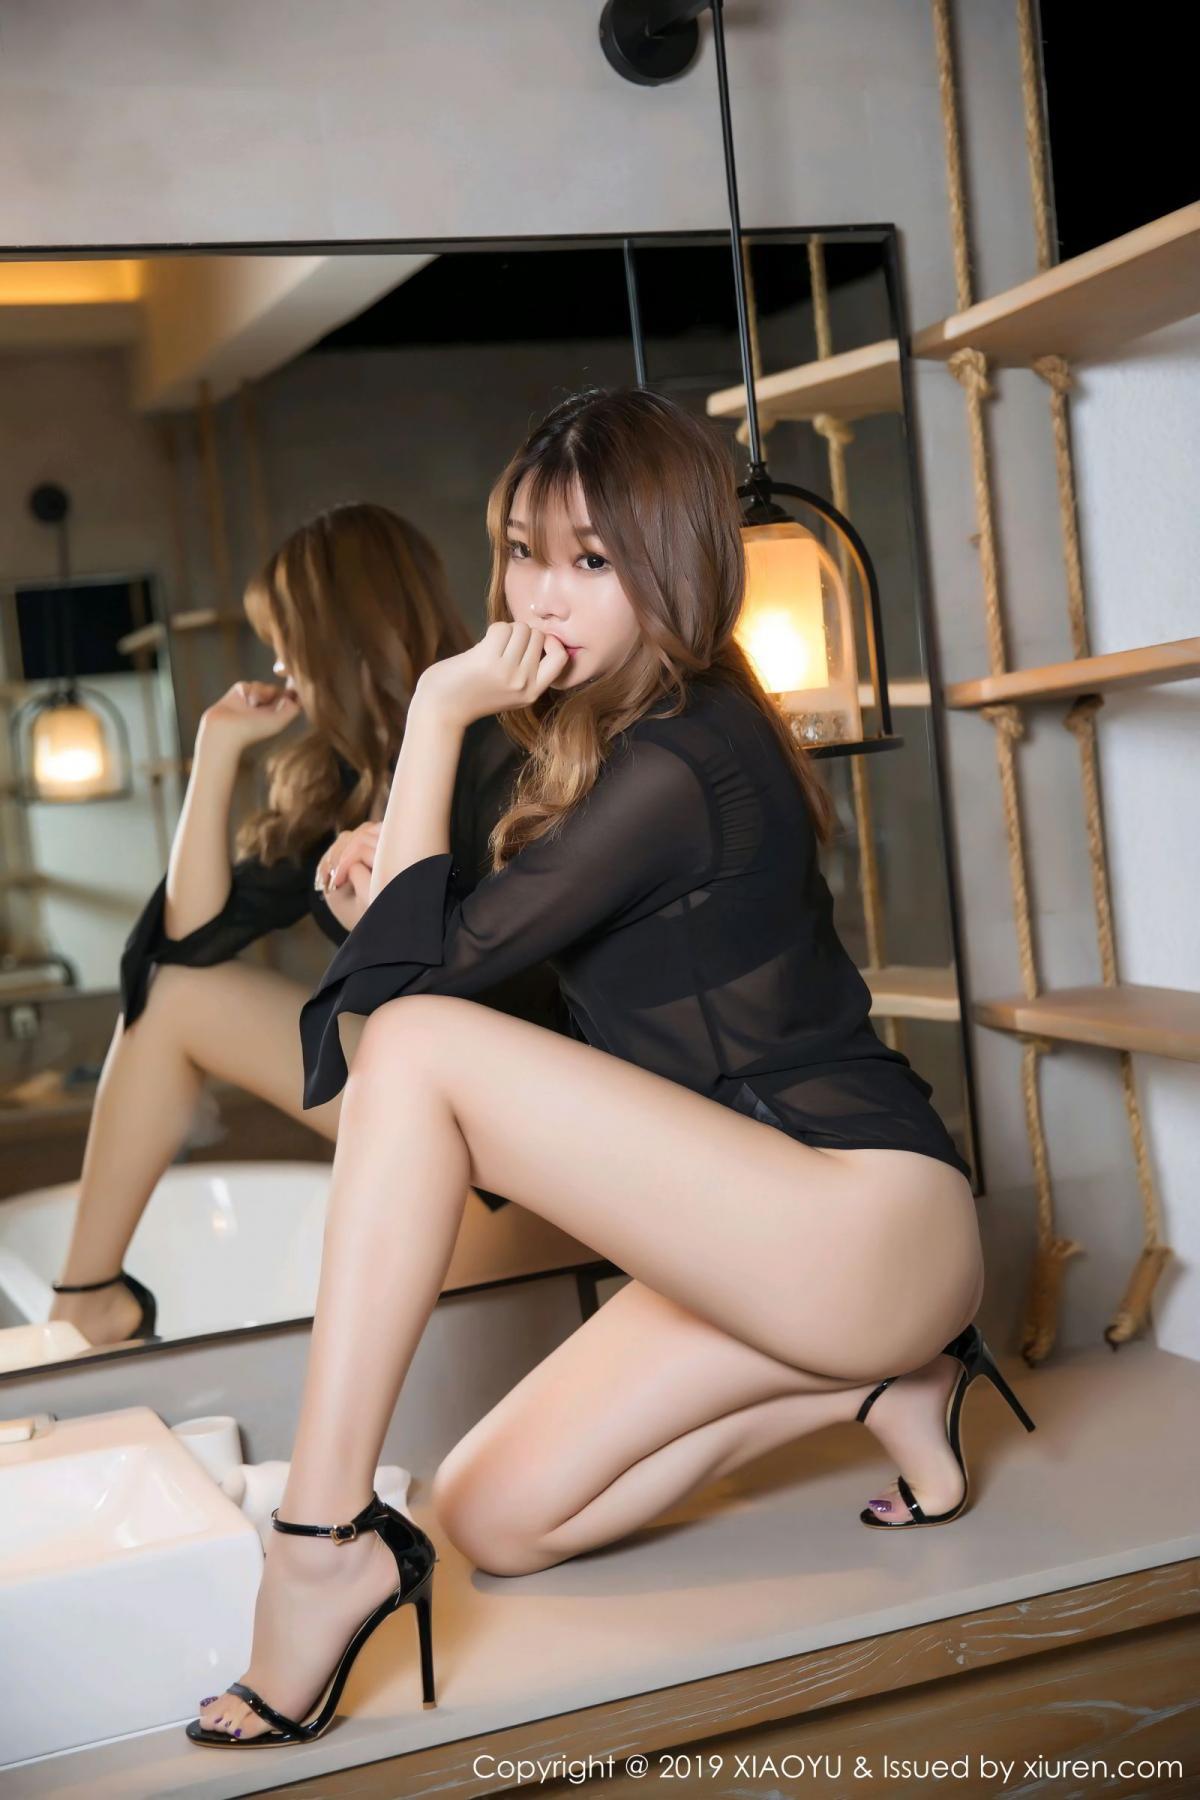 [XiaoYu] Vol.105 Chen Zhi 7P, Bathroom, Big Booty, Chen Zhi, Wet, XiaoYu